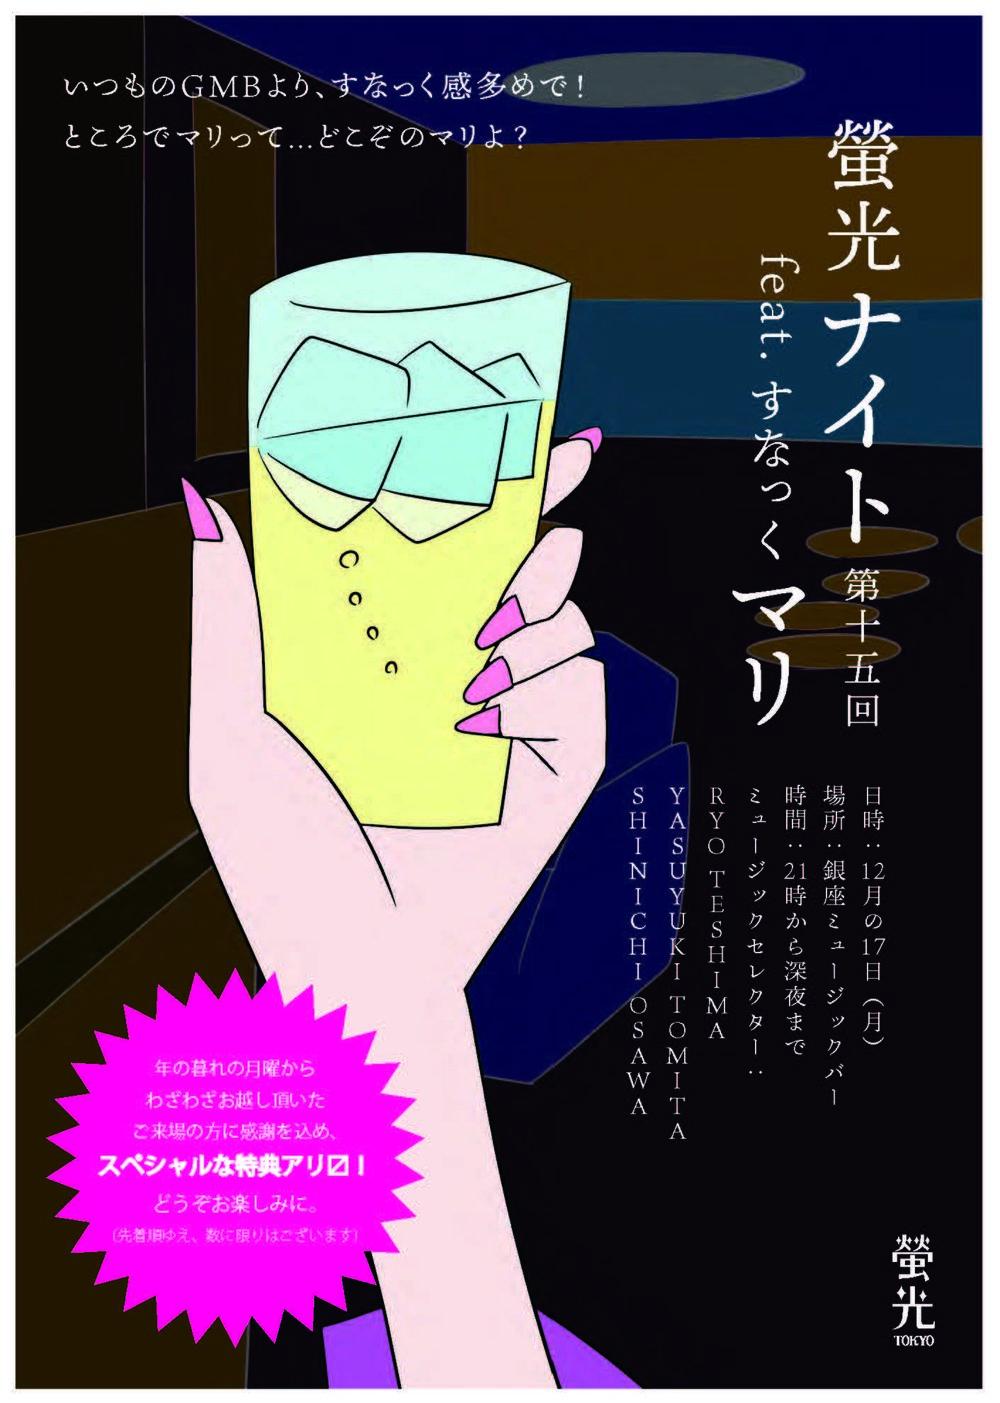 KEI-KO NIGHT vol.15 181210決定.jpg